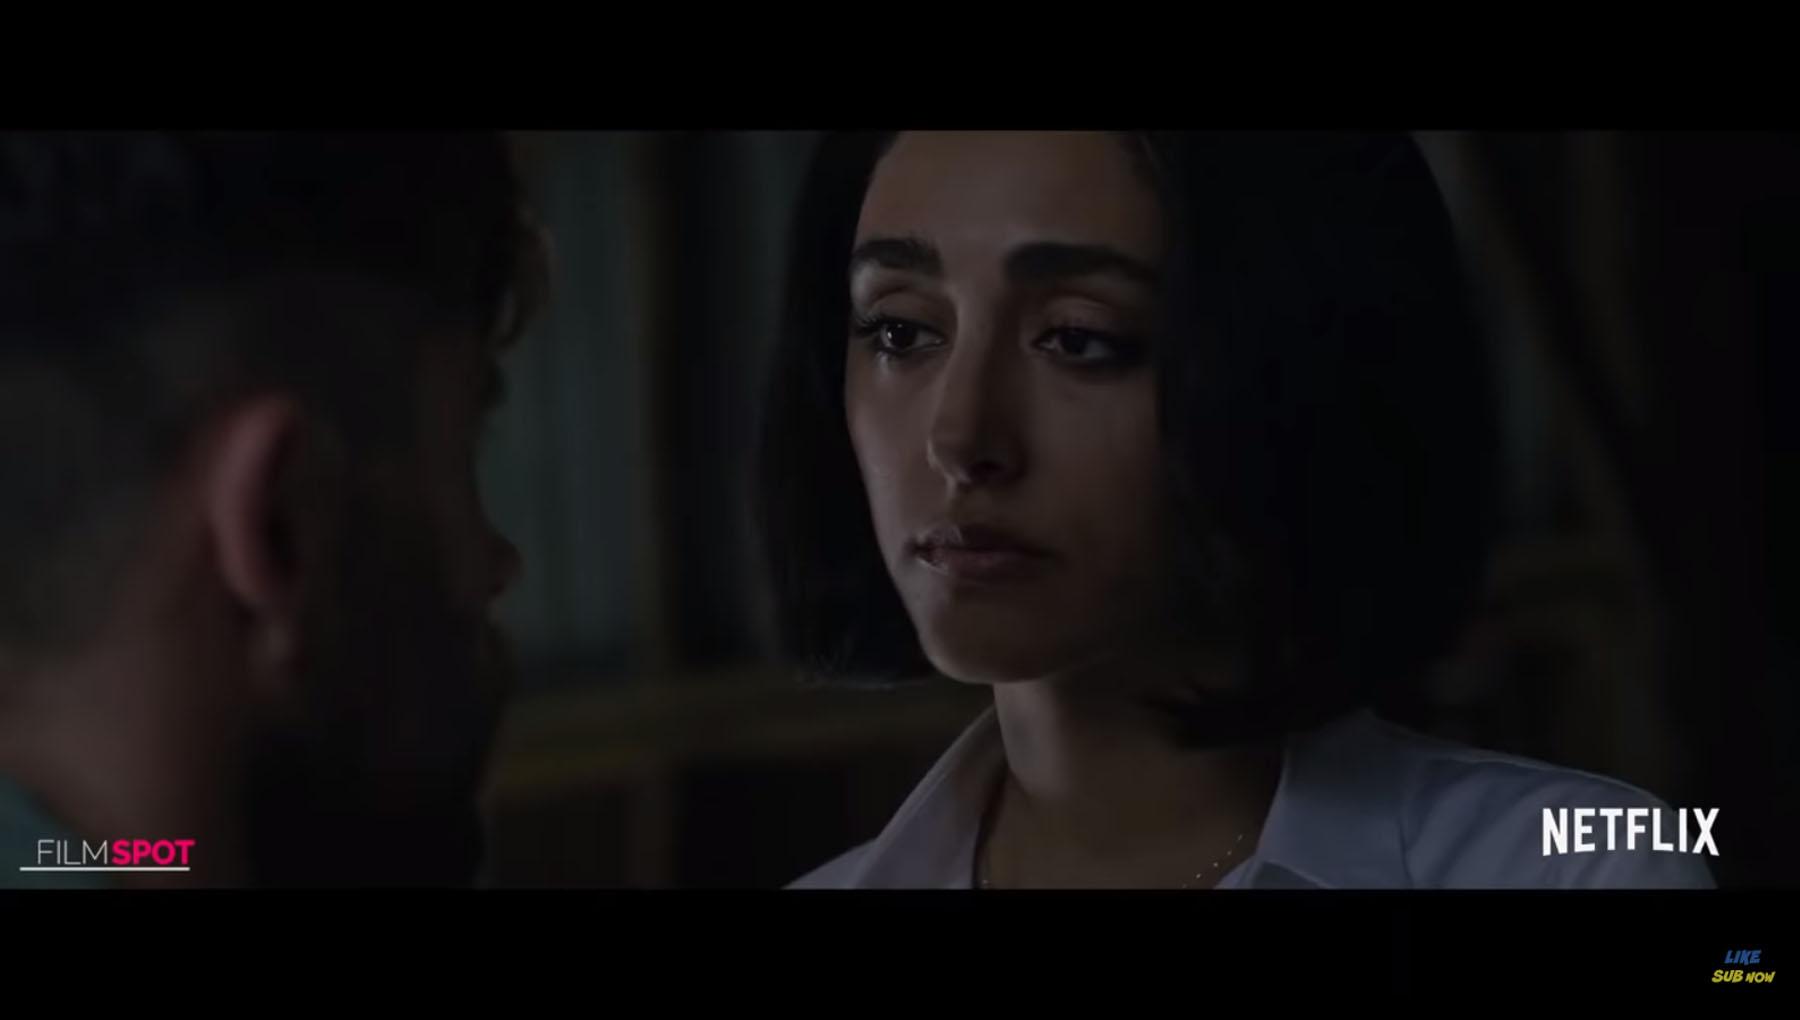 تصویر از فیلم Extraction با بازی کریس همسورث و گلشیفته فراهانی در نتفلیکس پخش می شود